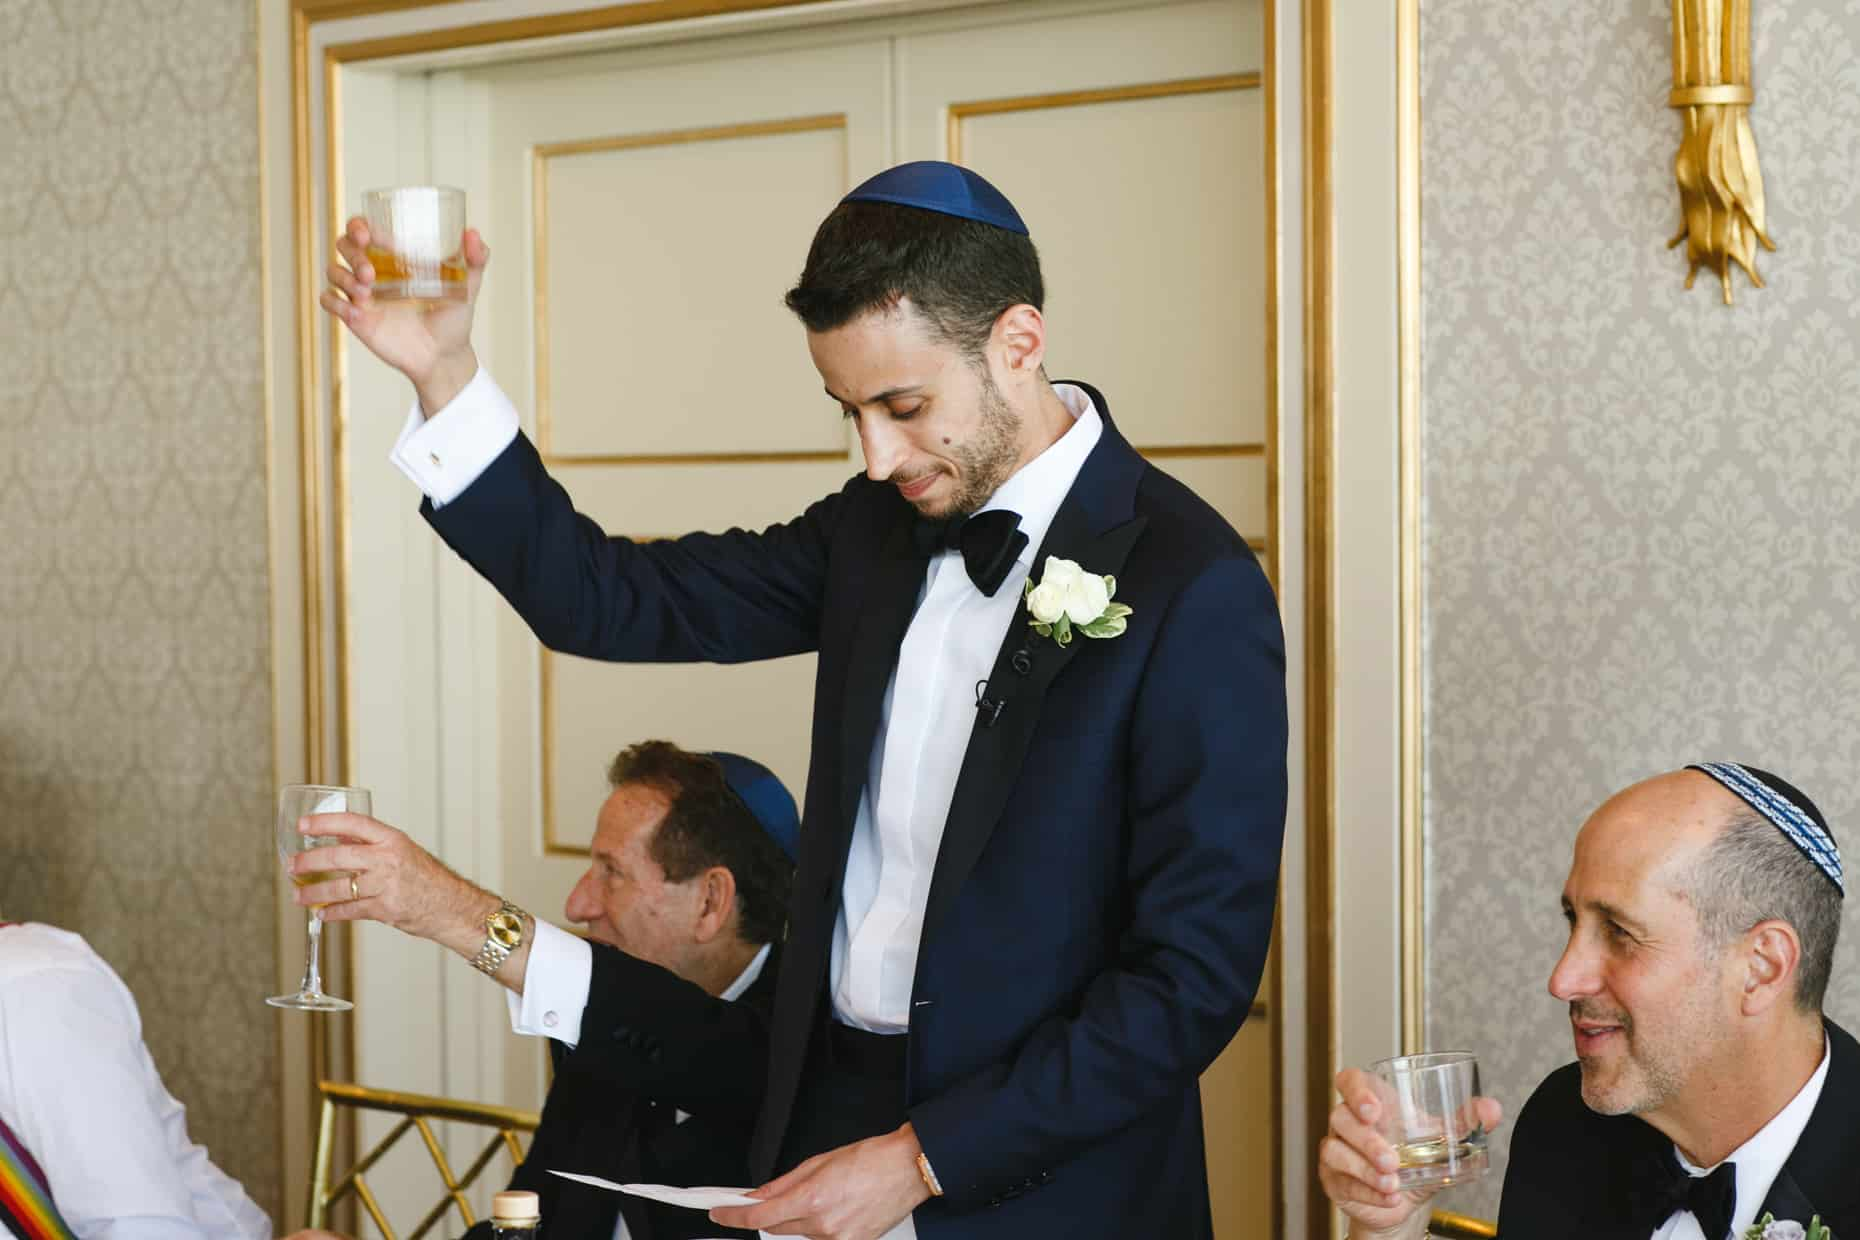 Jewish Wedding Tish Ceremony